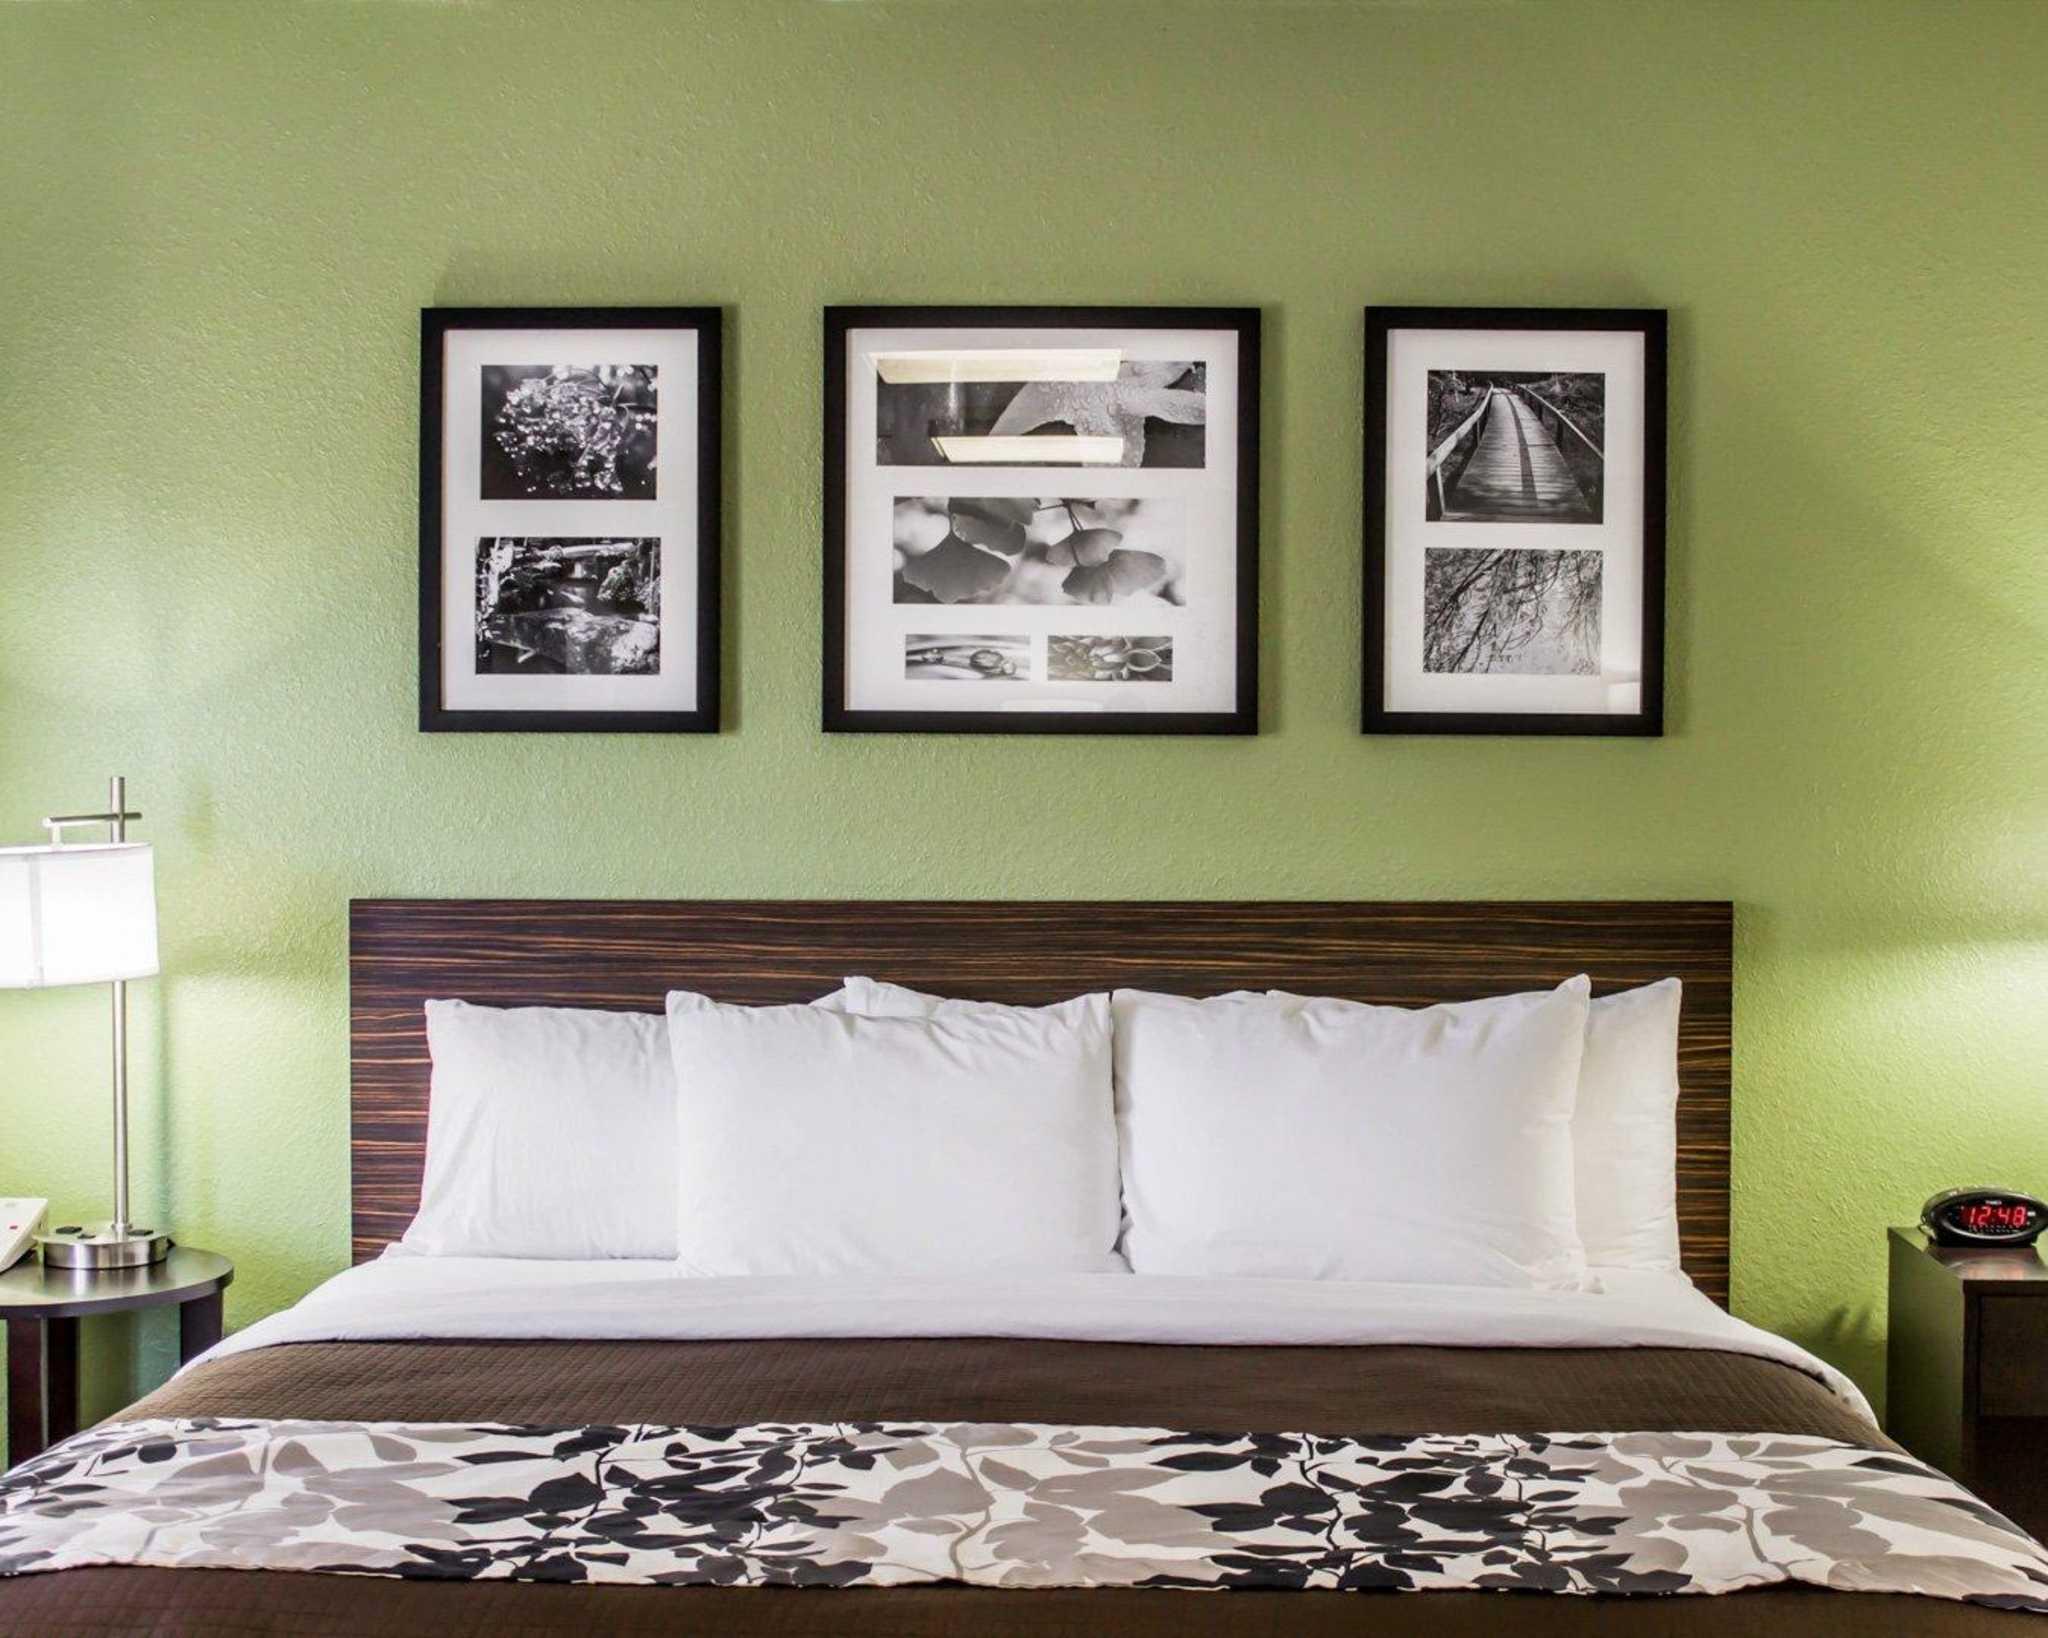 Sleep Inn image 0